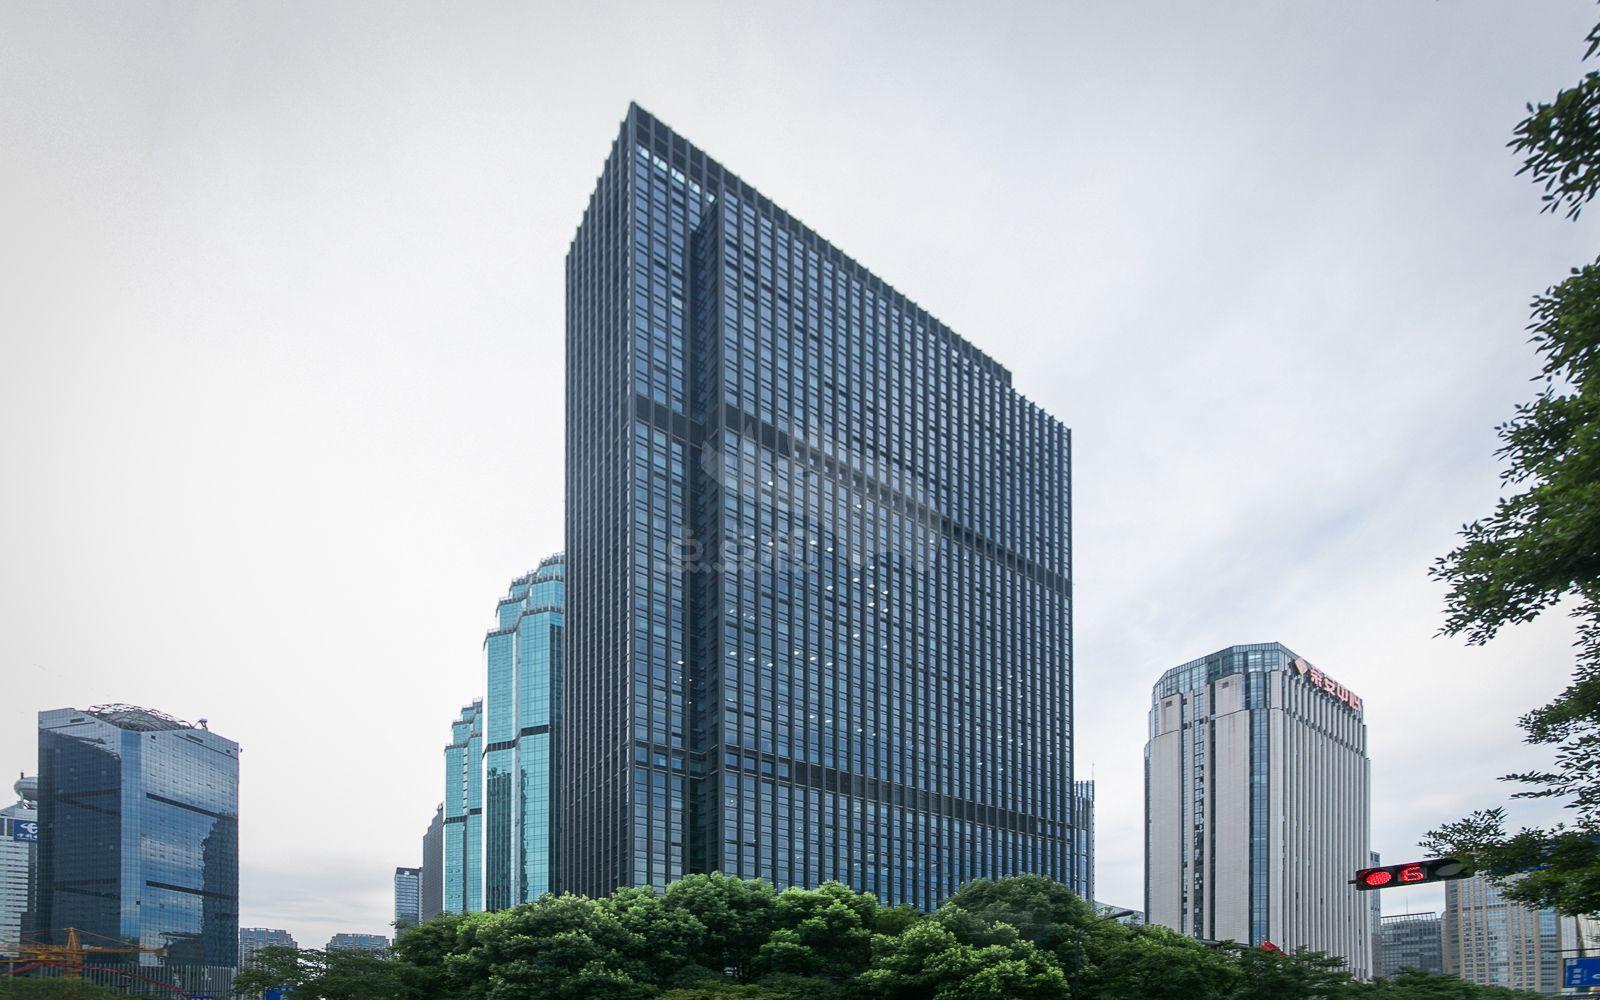 瑞晶国际大厦